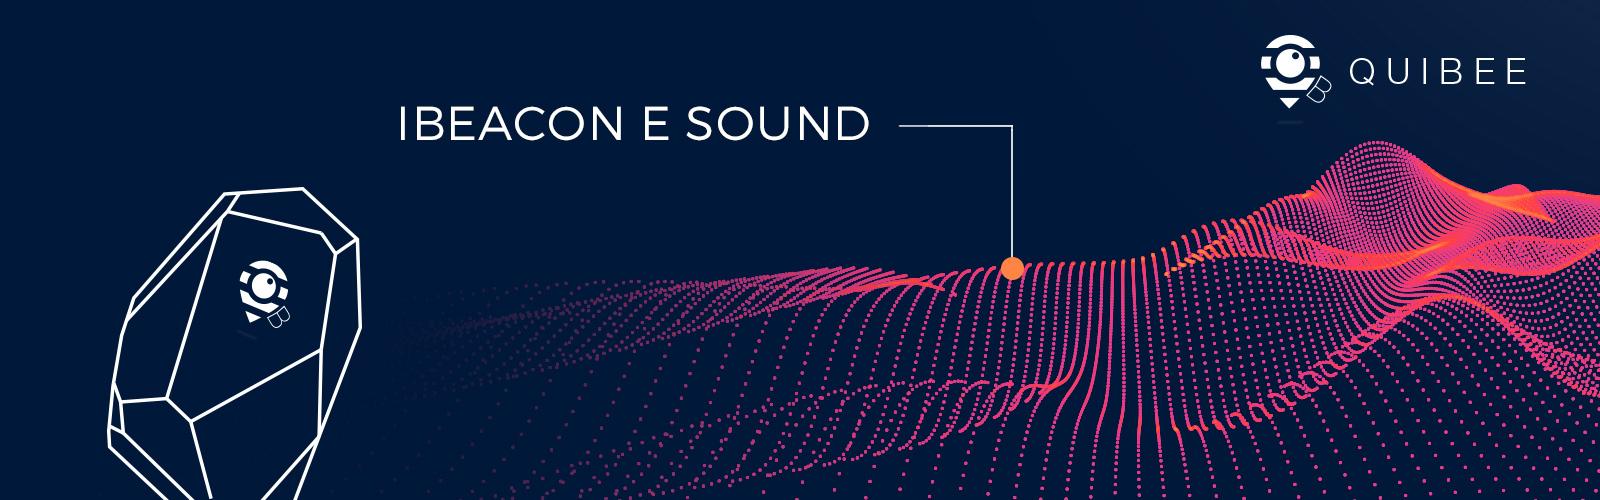 esperienza artistica sonora con i beacon e il proximity markeitng